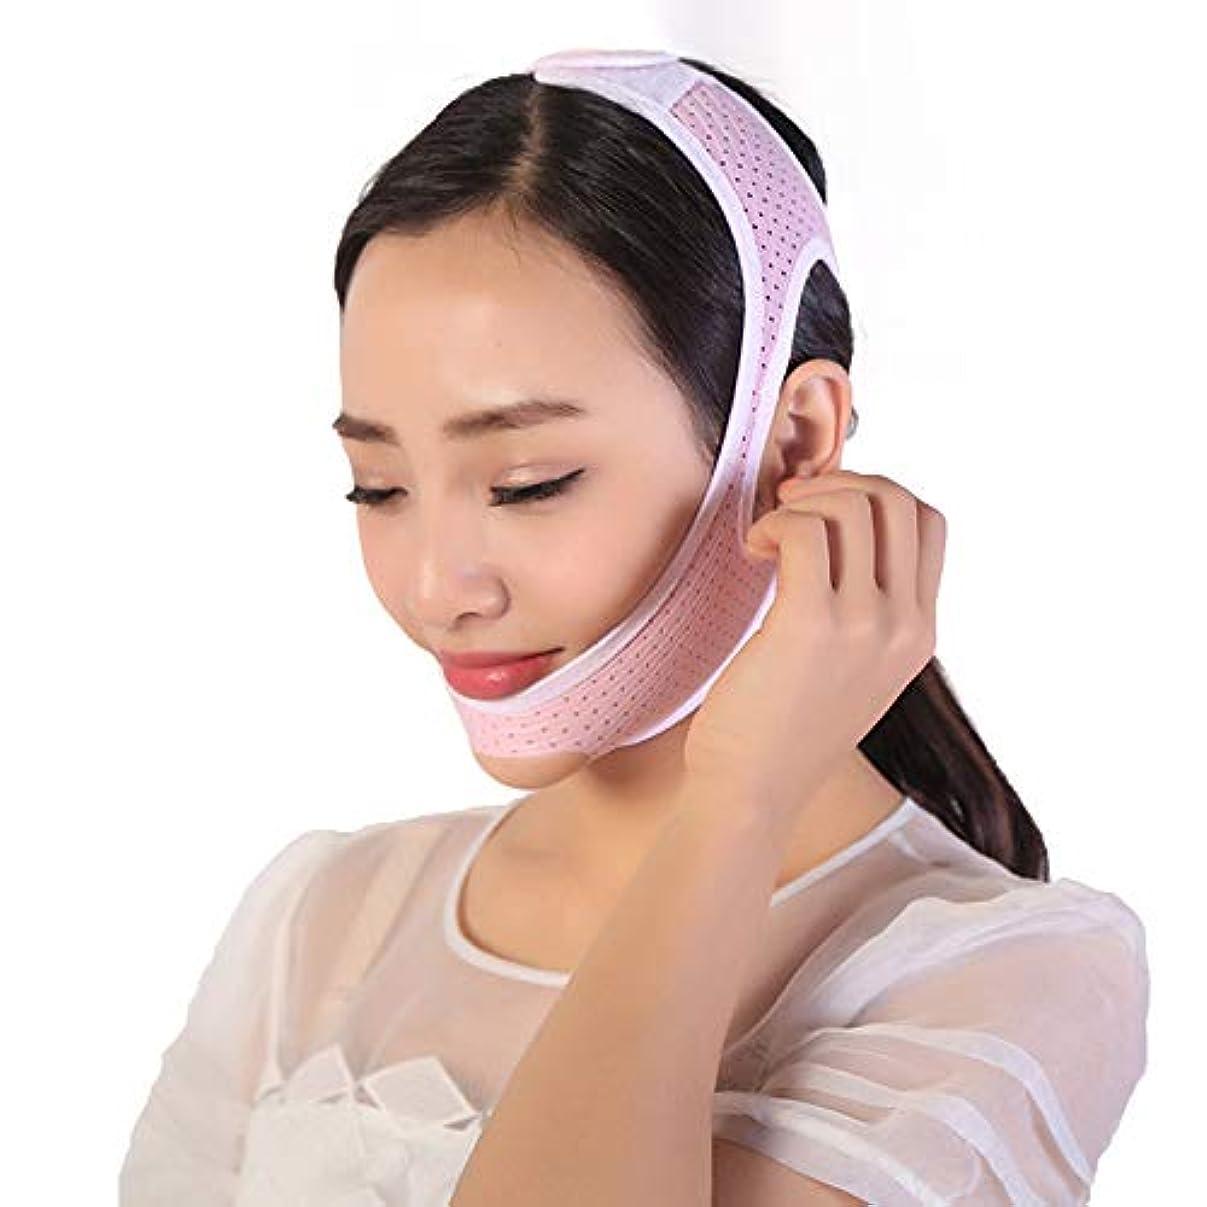 トンネル特別に彼女のGYZ フェイシャルリフティングスリミングベルト - 薄型フェイス包帯ダブルチンデバイスフェイシャルマッサージアンチエイジングリンクルフェイスマスクベルト Thin Face Belt (Size : L)